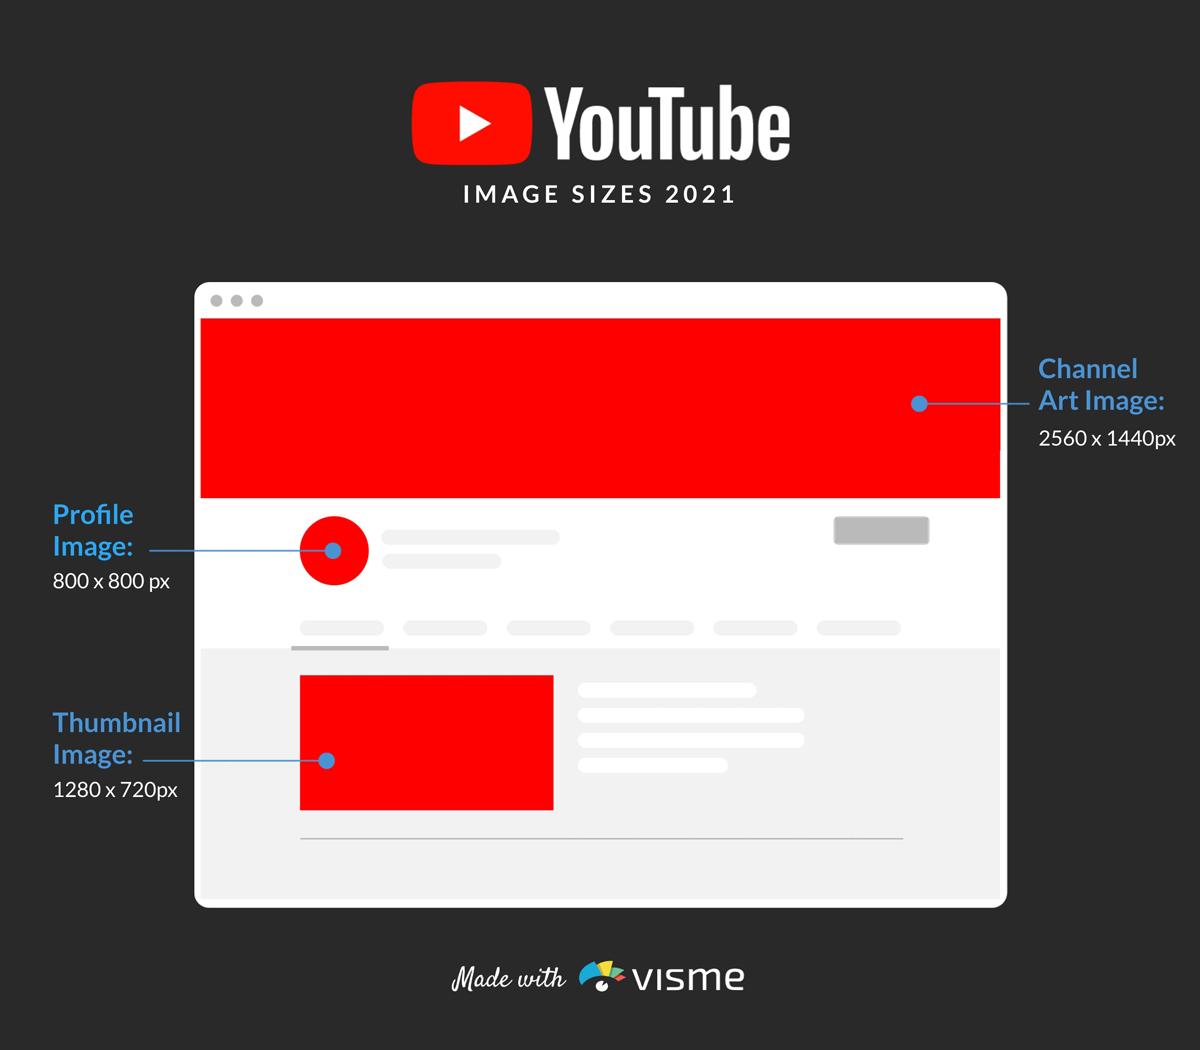 A mockup of YouTube's image sizes.